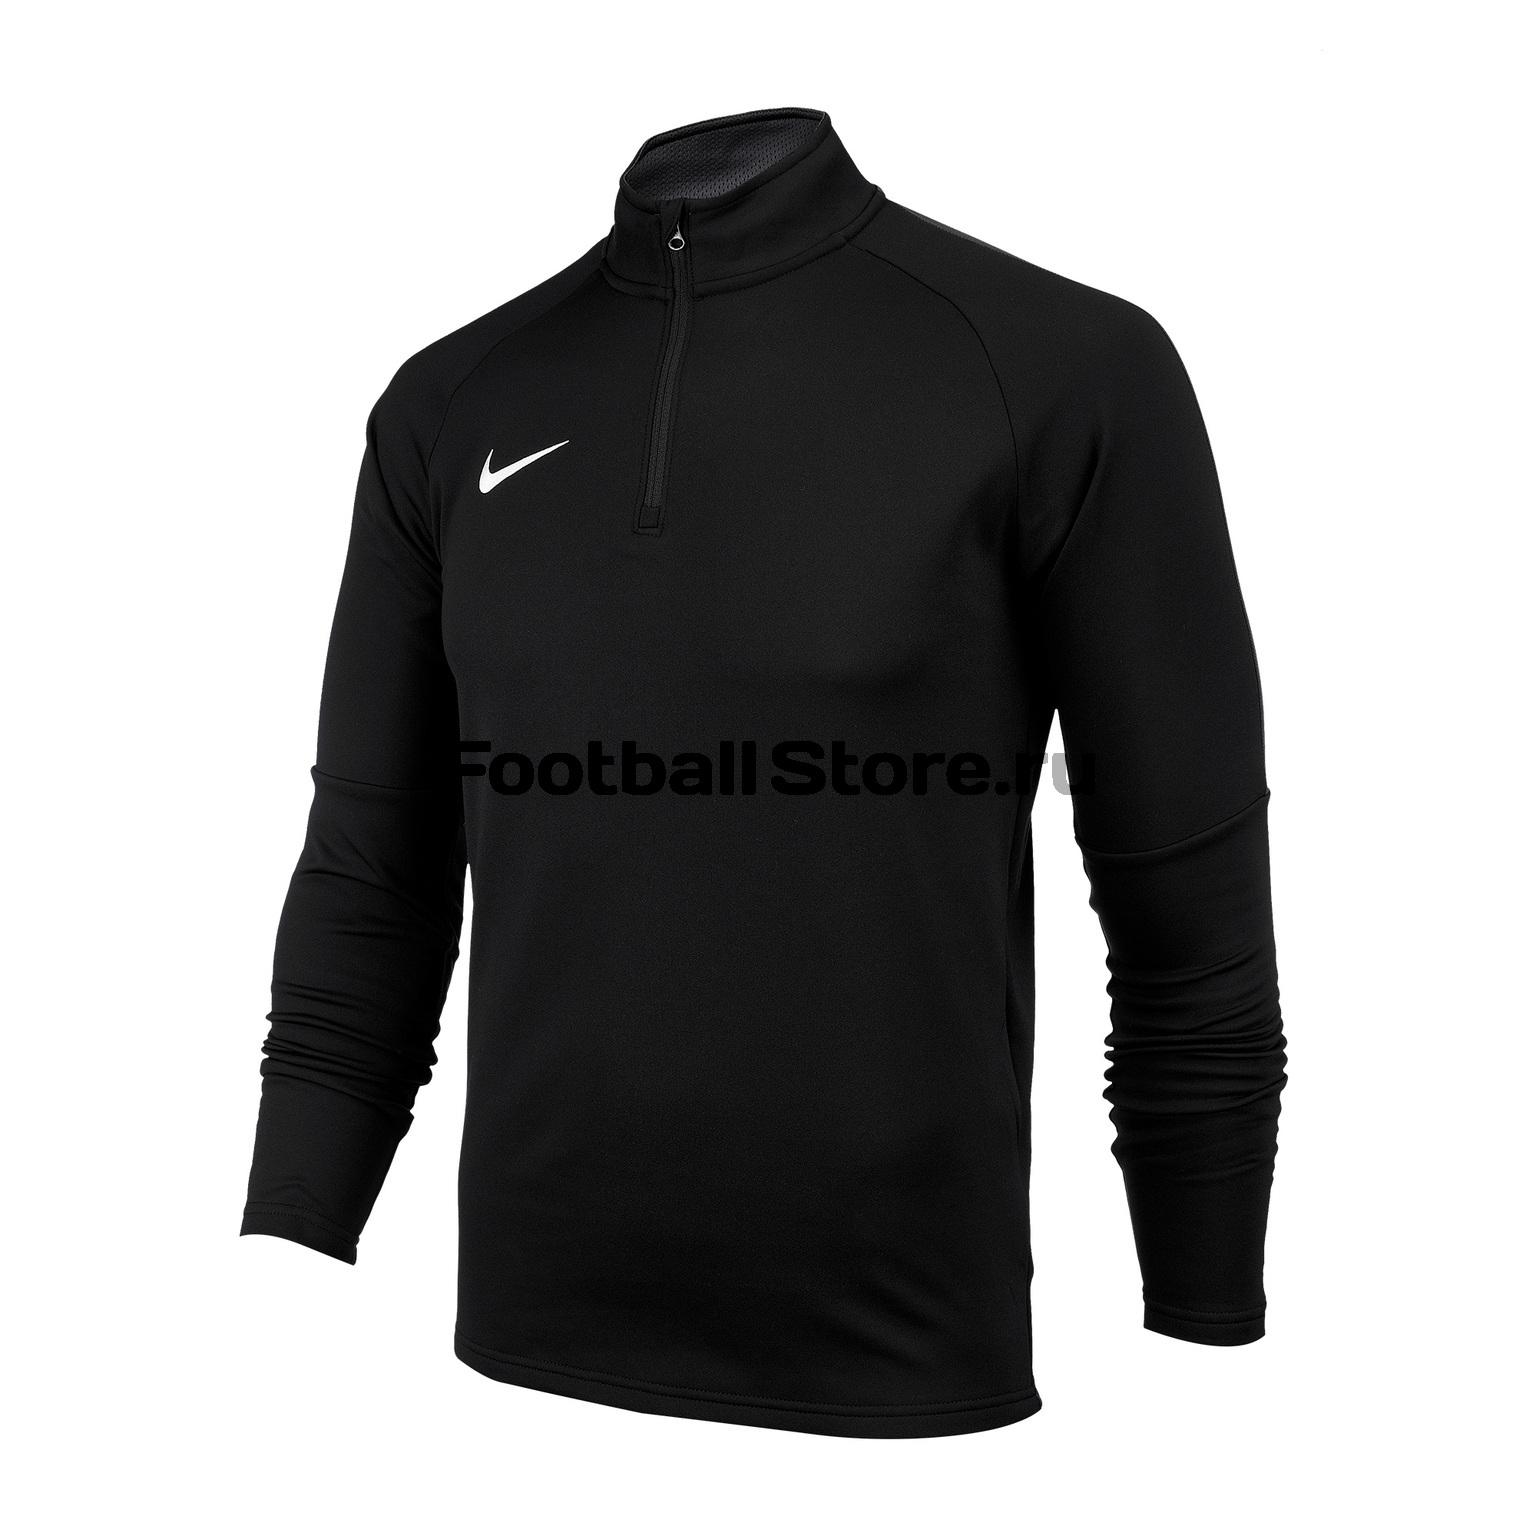 Свитер тренировочный Nike Dry Academy18 Dril Top LS 893624-010 свитер тренировочный nike m nk dry sqd17 dril top ls 831569 010